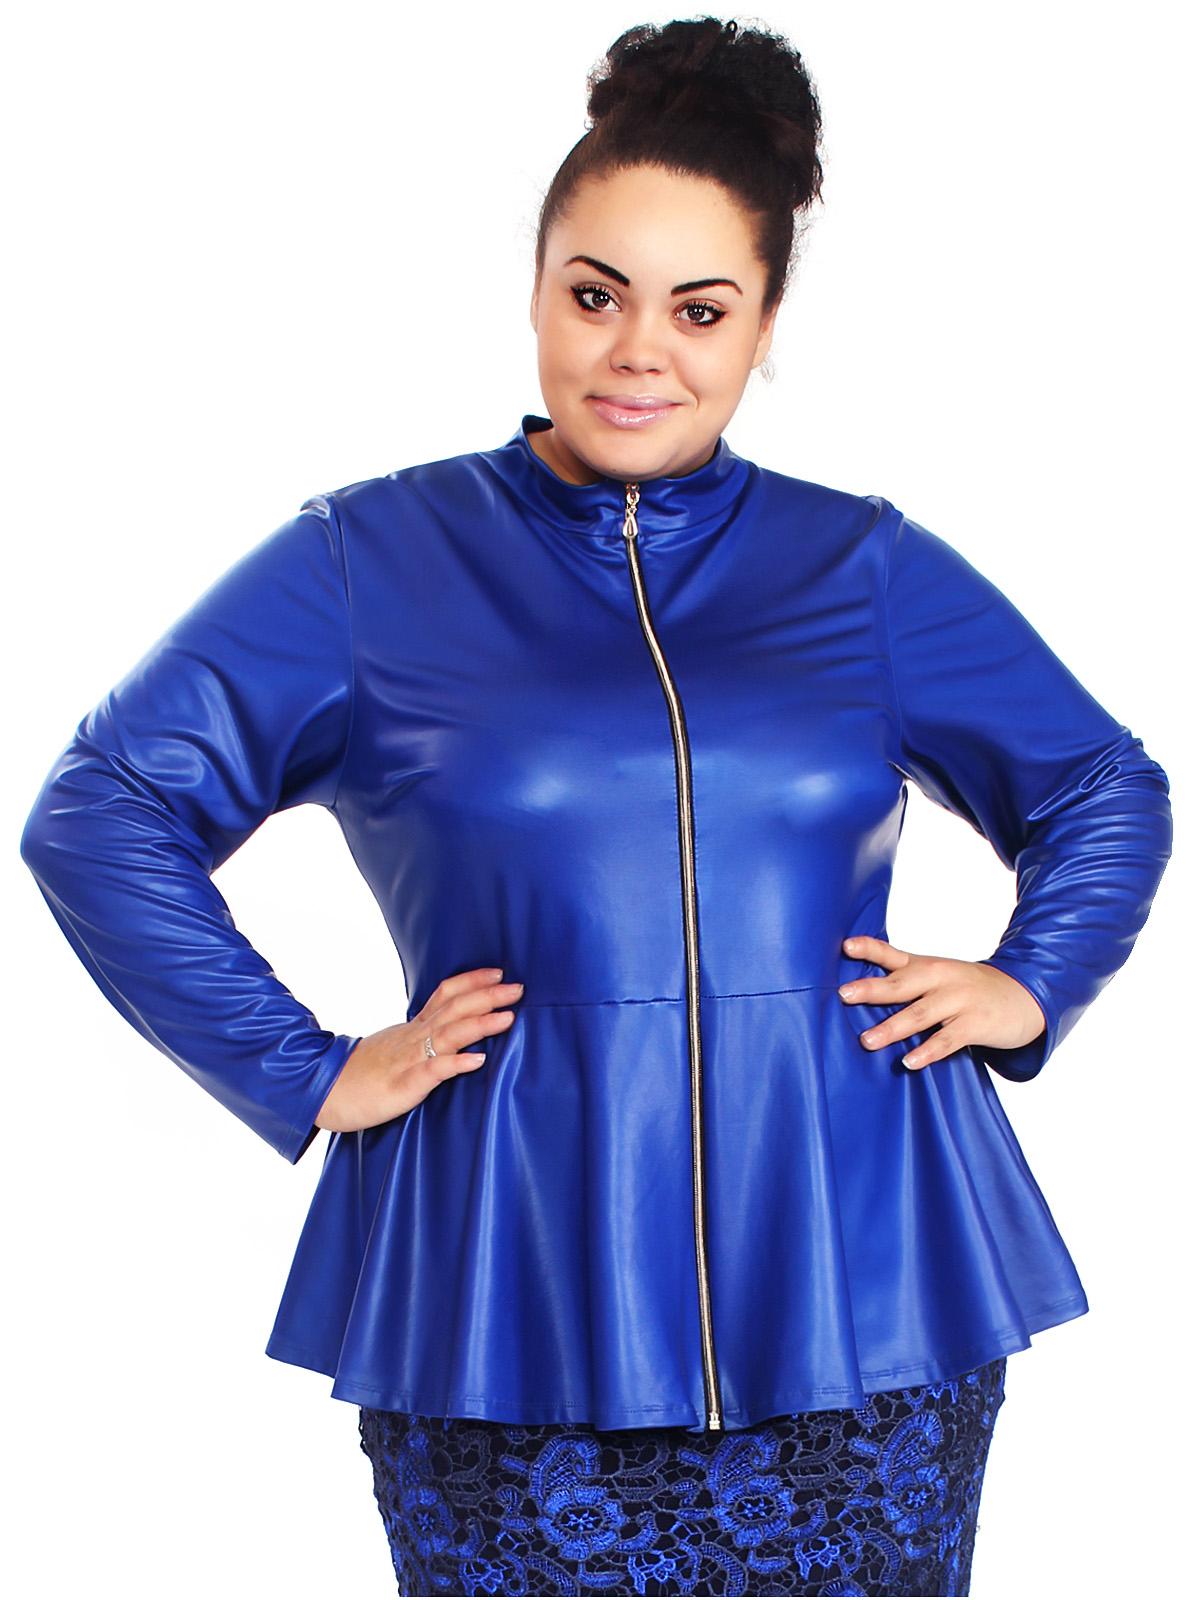 Купить Турецкую Одежду Больших Размеров С Доставкой